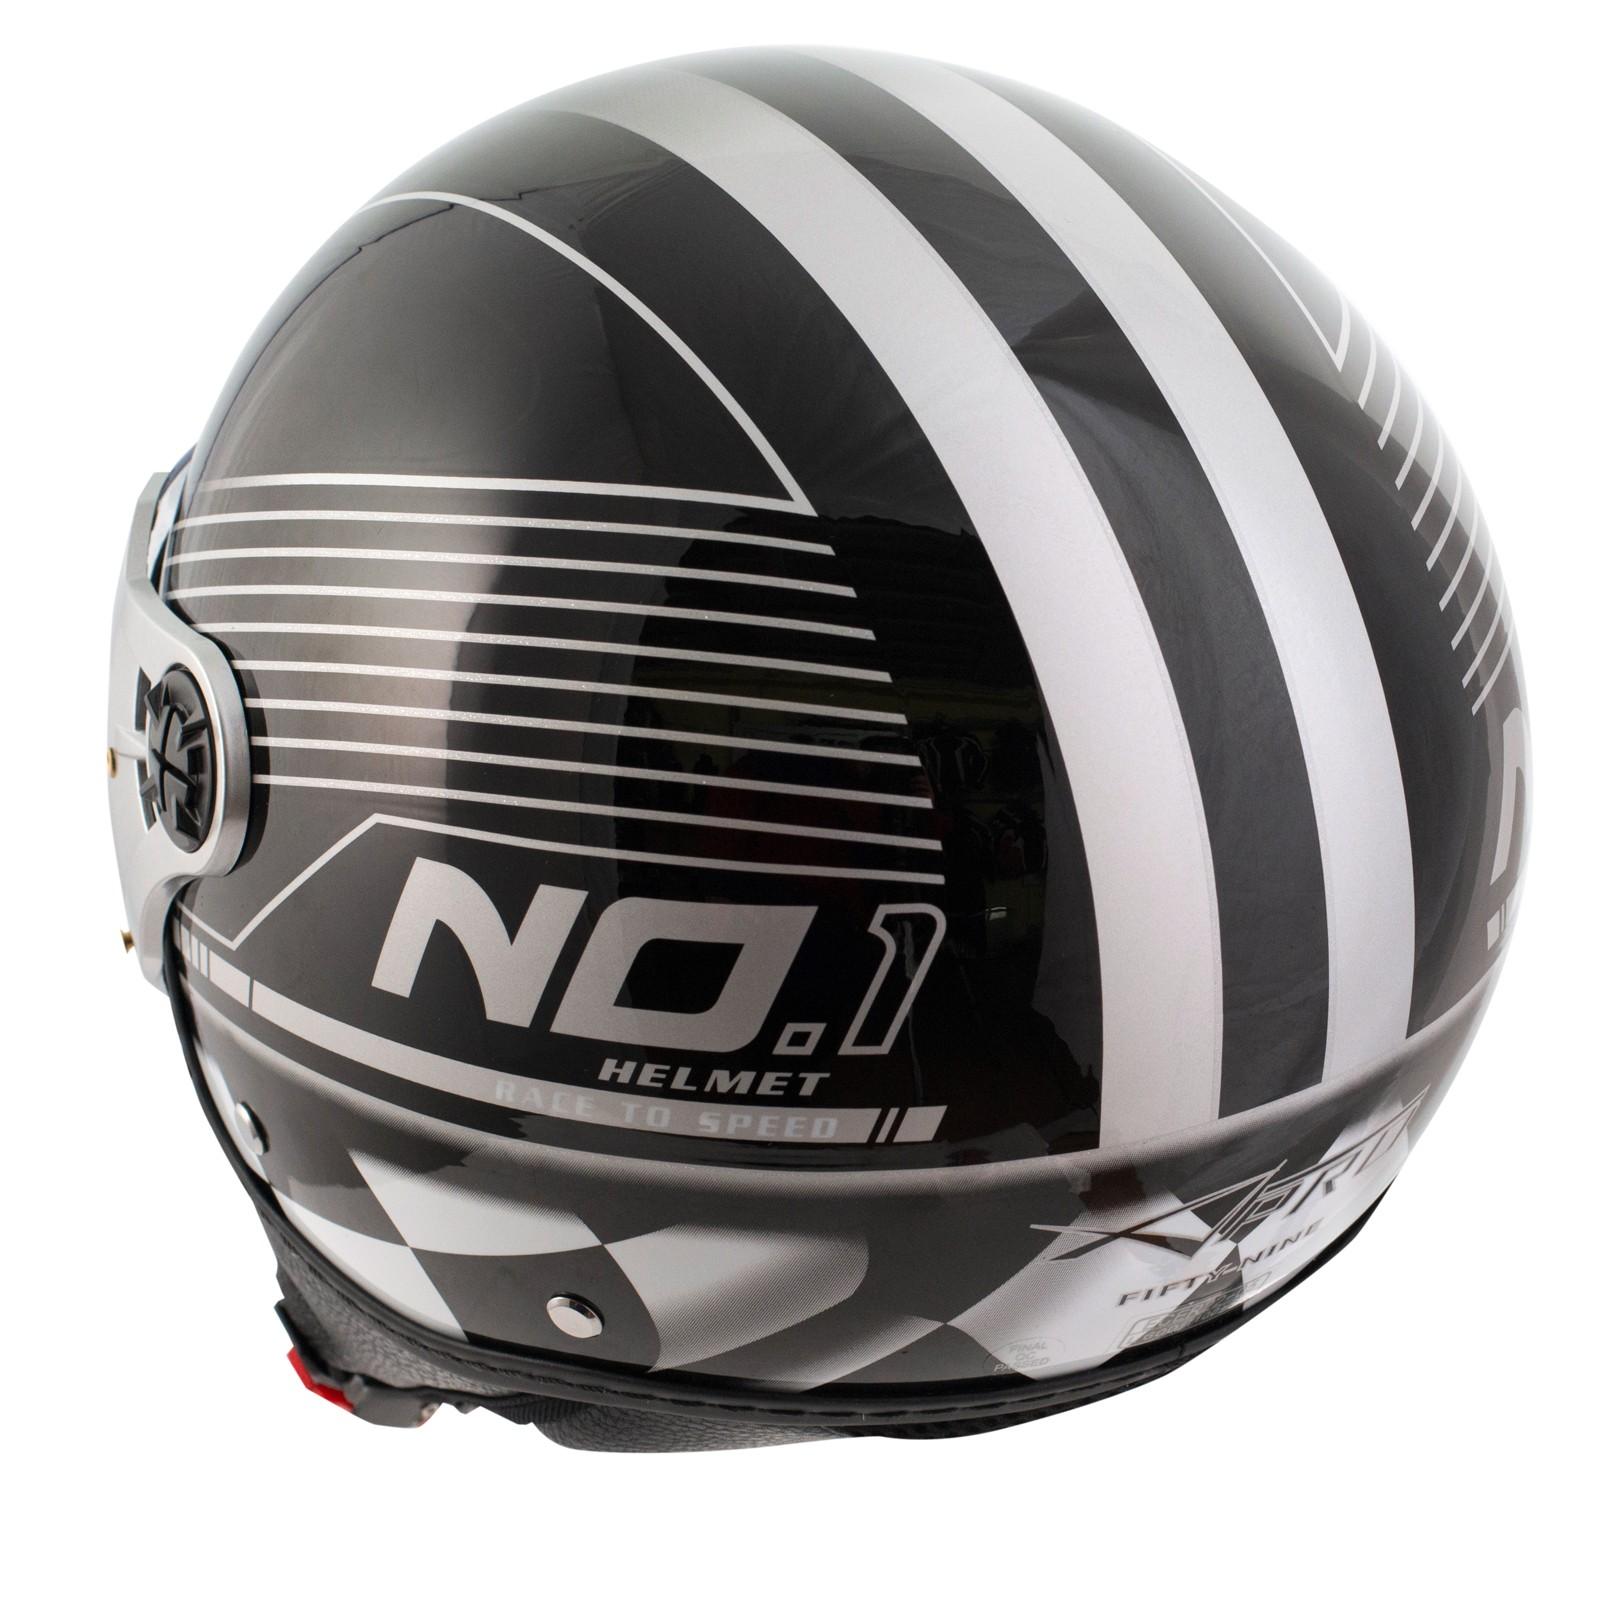 abbigliamento moto e accessori scooter moto casco jet. Black Bedroom Furniture Sets. Home Design Ideas